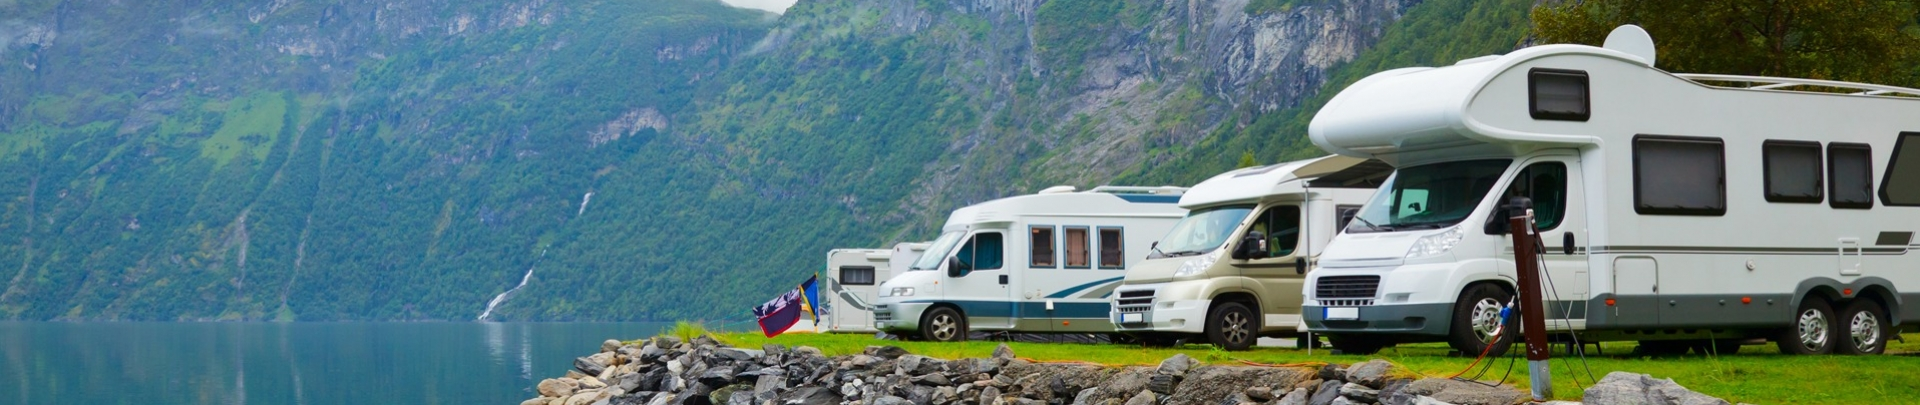 Vakantie camper aan het water